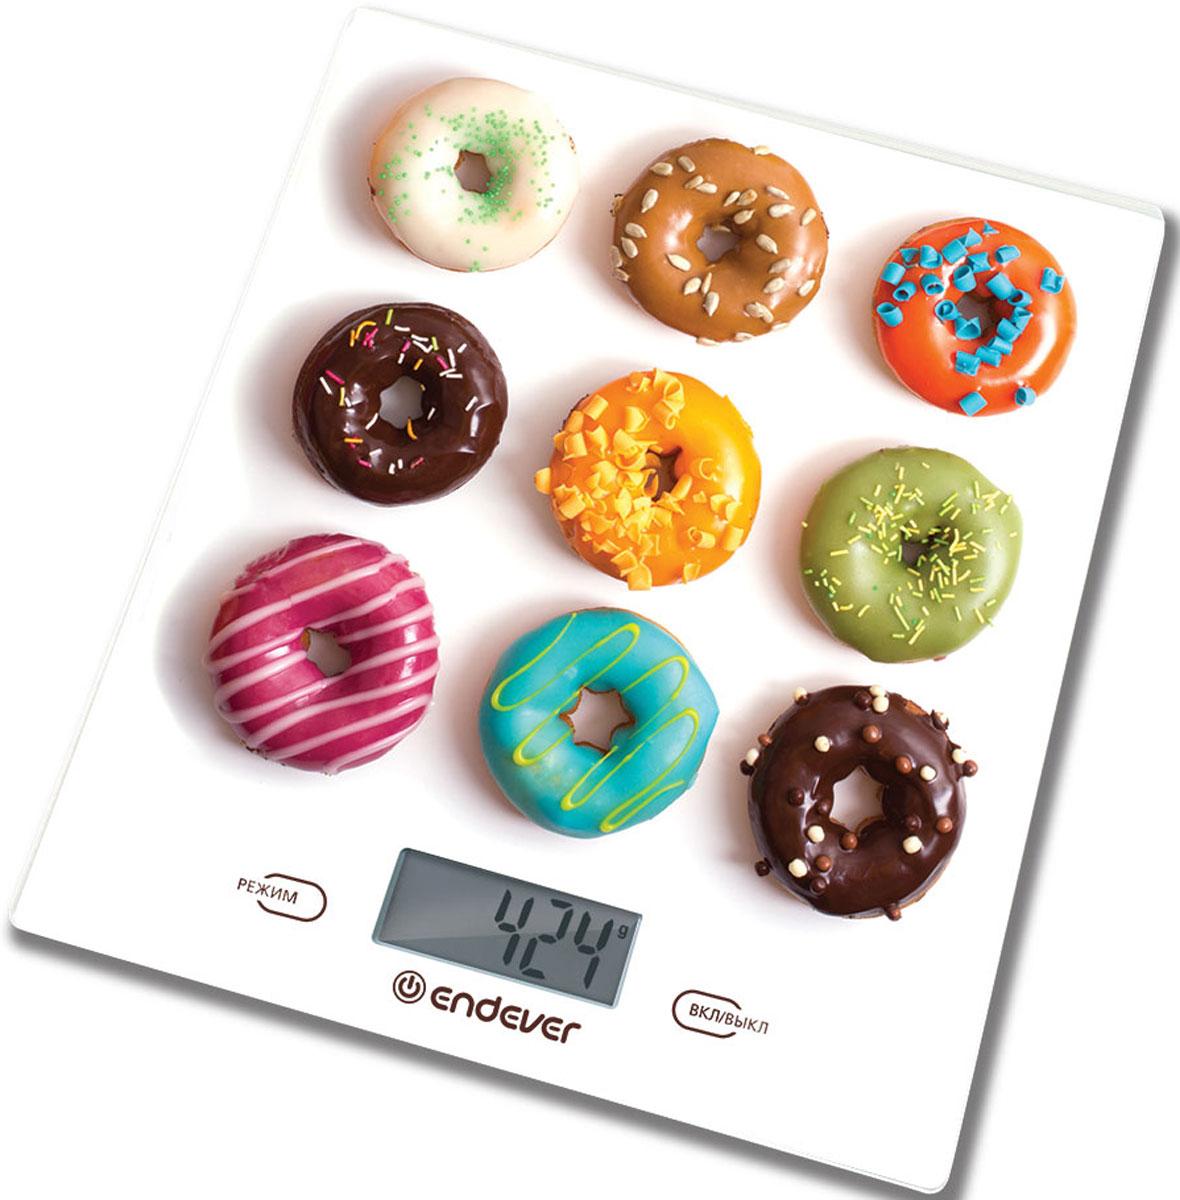 Endever KS-521 весы кухонныеKS-521Кухонные электронные весы Endever KS-521 - незаменимые помощники современной хозяйки. Они помогут точно взвесить любые продукты и ингредиенты. Кроме того, позволят людям, соблюдающим диету, контролировать количество съедаемой пищи и размеры порций. Предназначены для взвешивания продуктов с точностью измерения 1 г. Имеют сенсорное управление. Электронные кухонные весы Endever KS-521 - это высококачественный прибор, в котором применены новейшие технологии в области использования безопасных для здоровья материалов и компонентов.